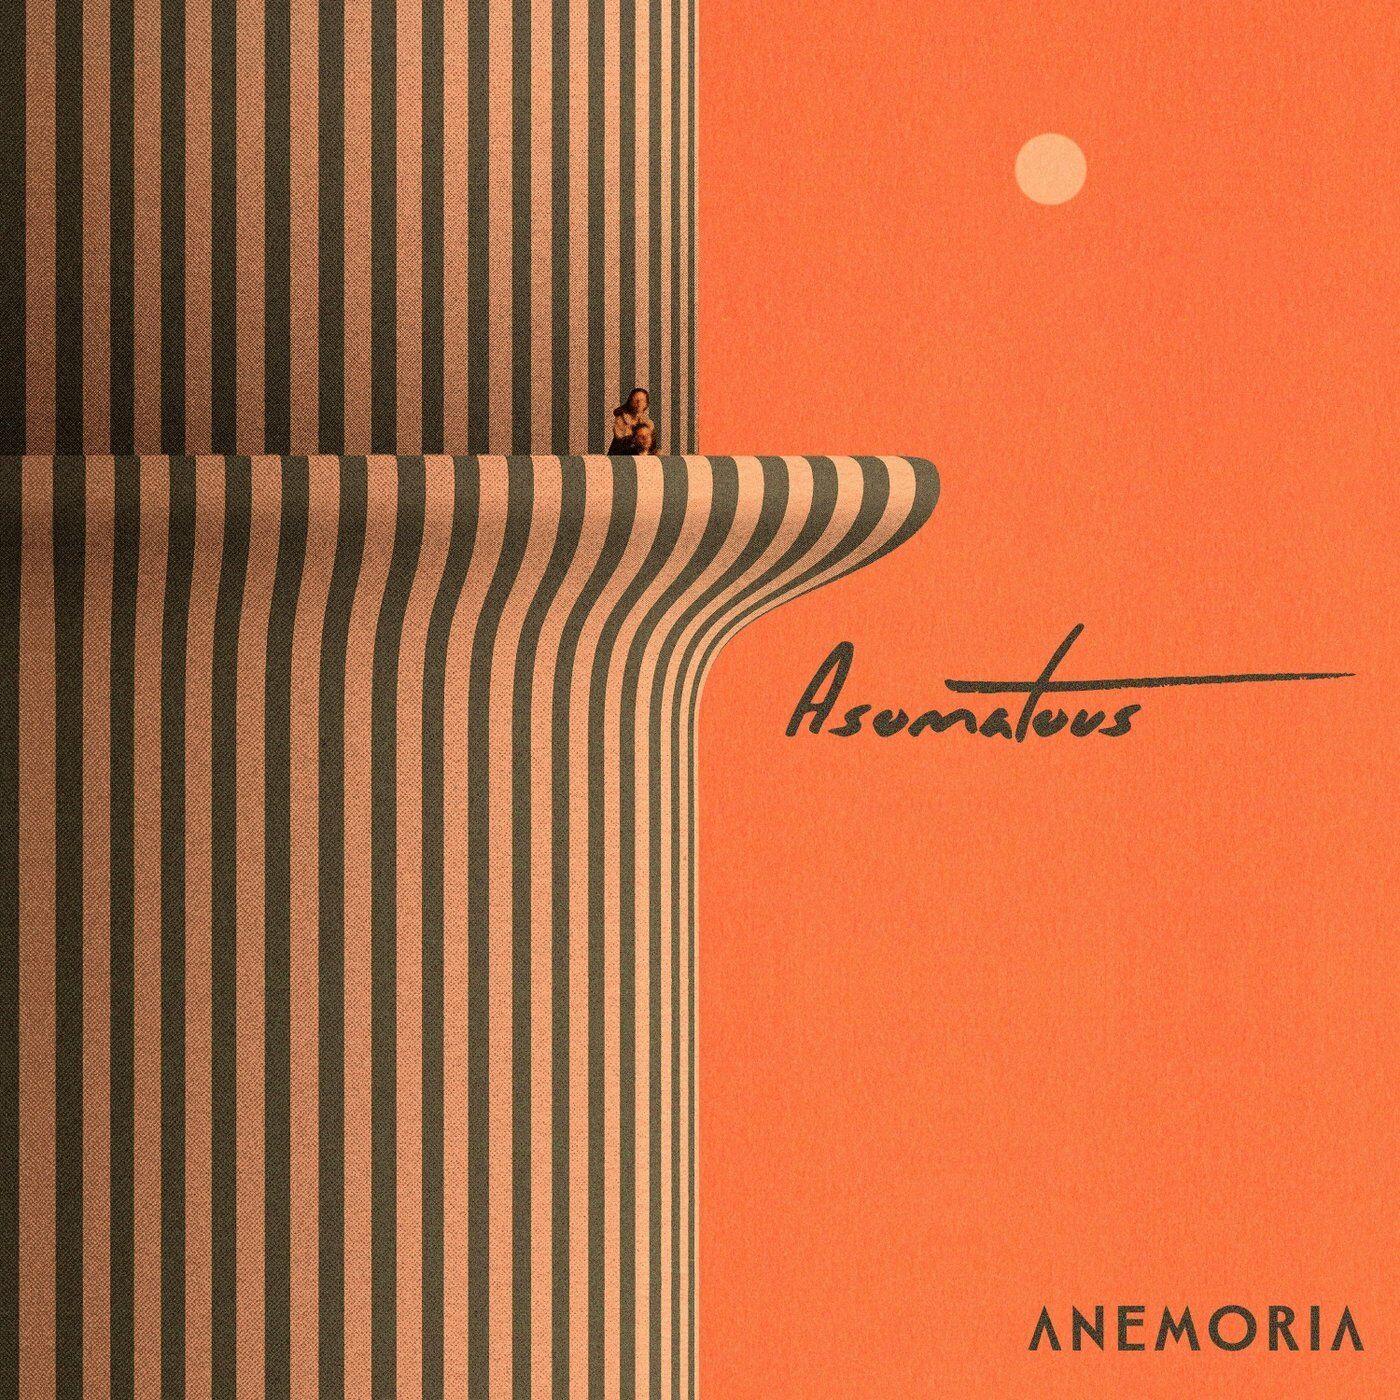 Anemoria - Asomatous [single] (2021)